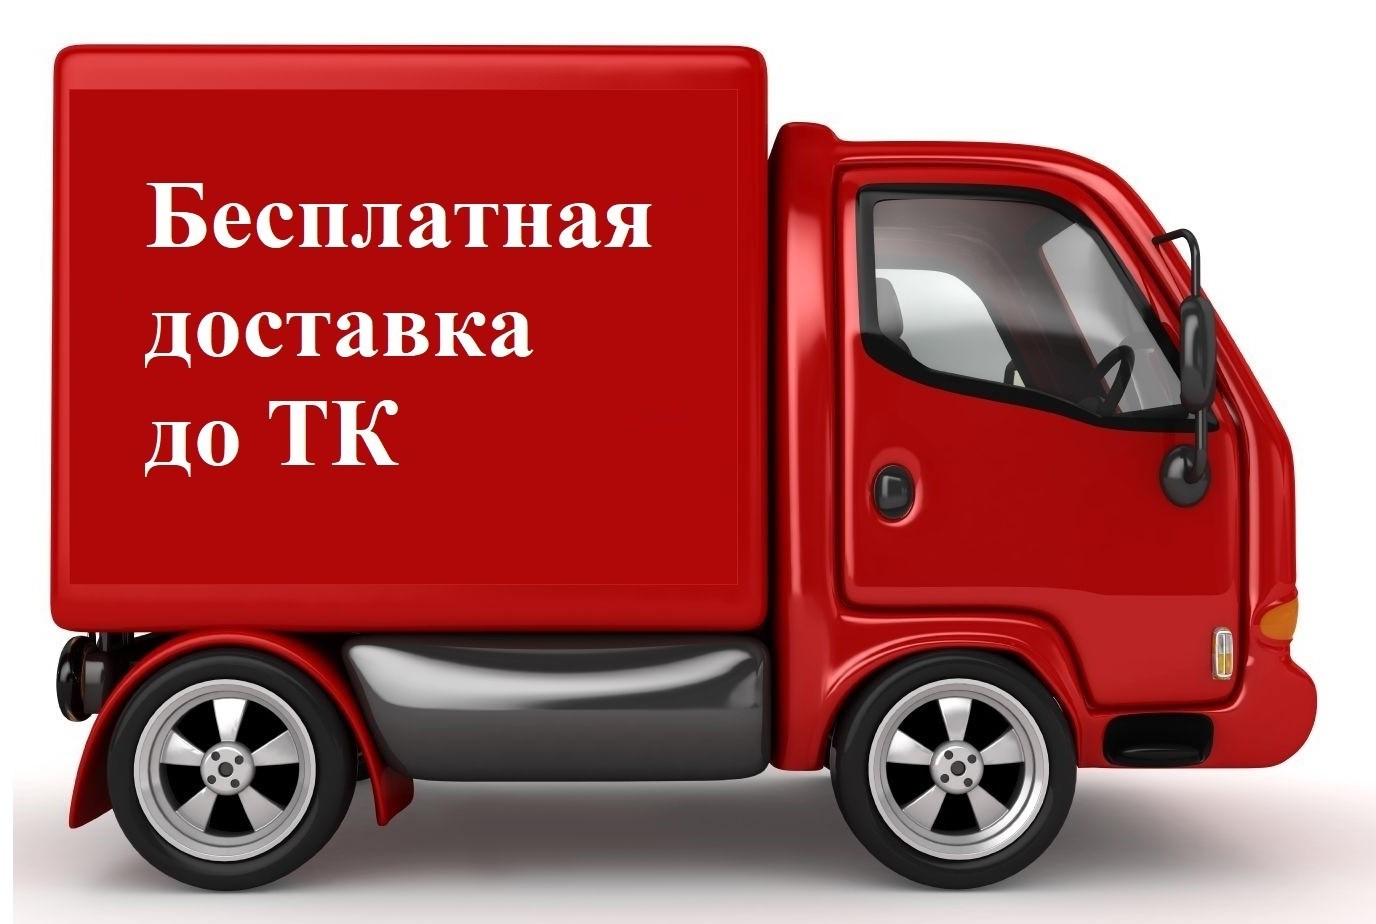 Бесплатно доставляем до ТК СДЭК